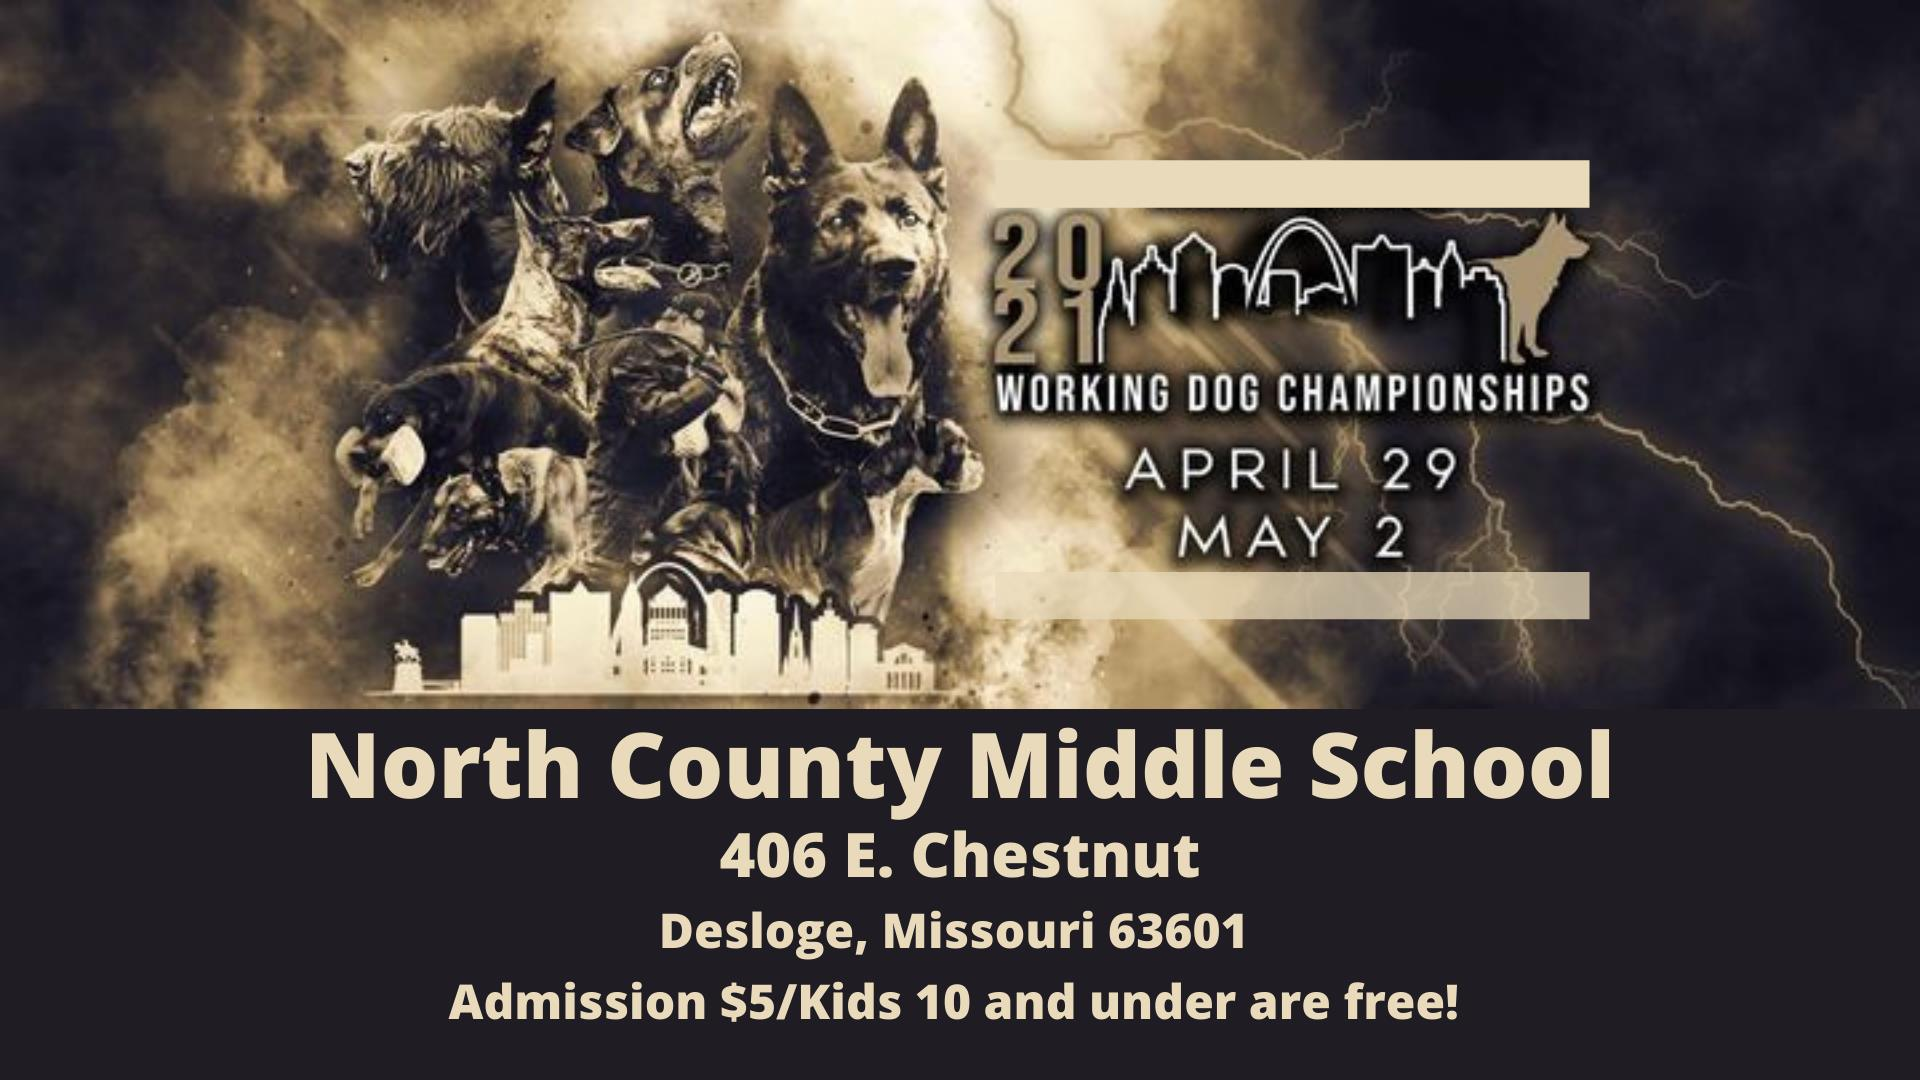 Working Dog Championships at Desloge